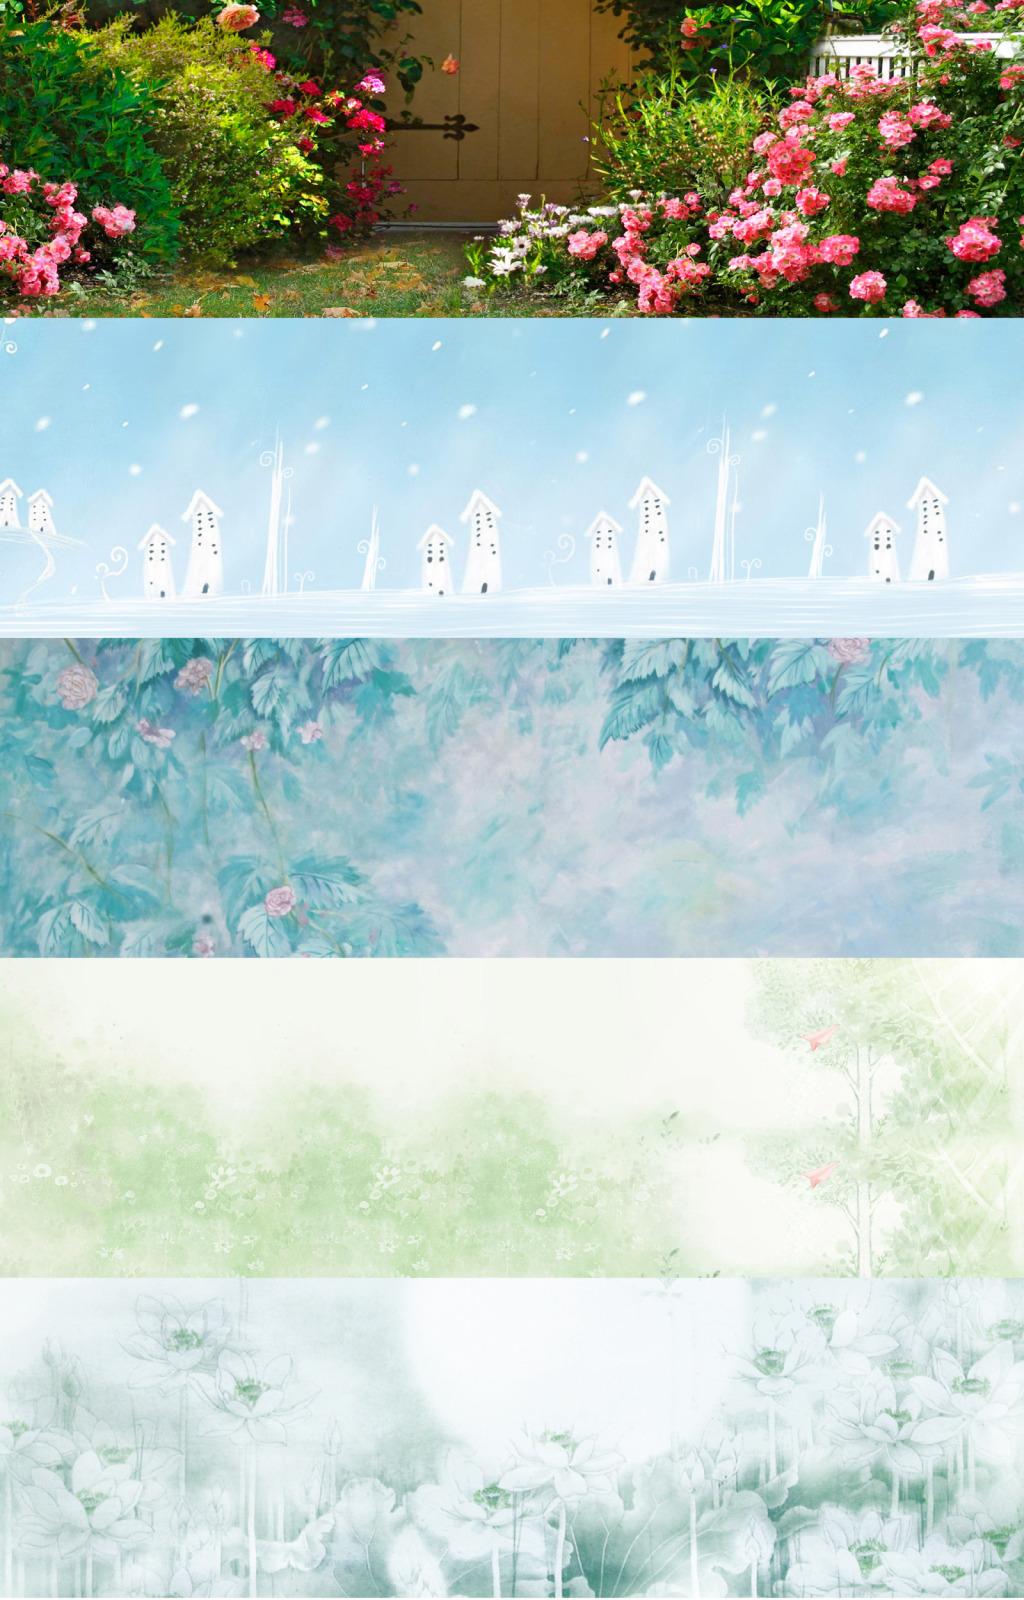 全屏背景图_海报设计_90设计90sheji.com